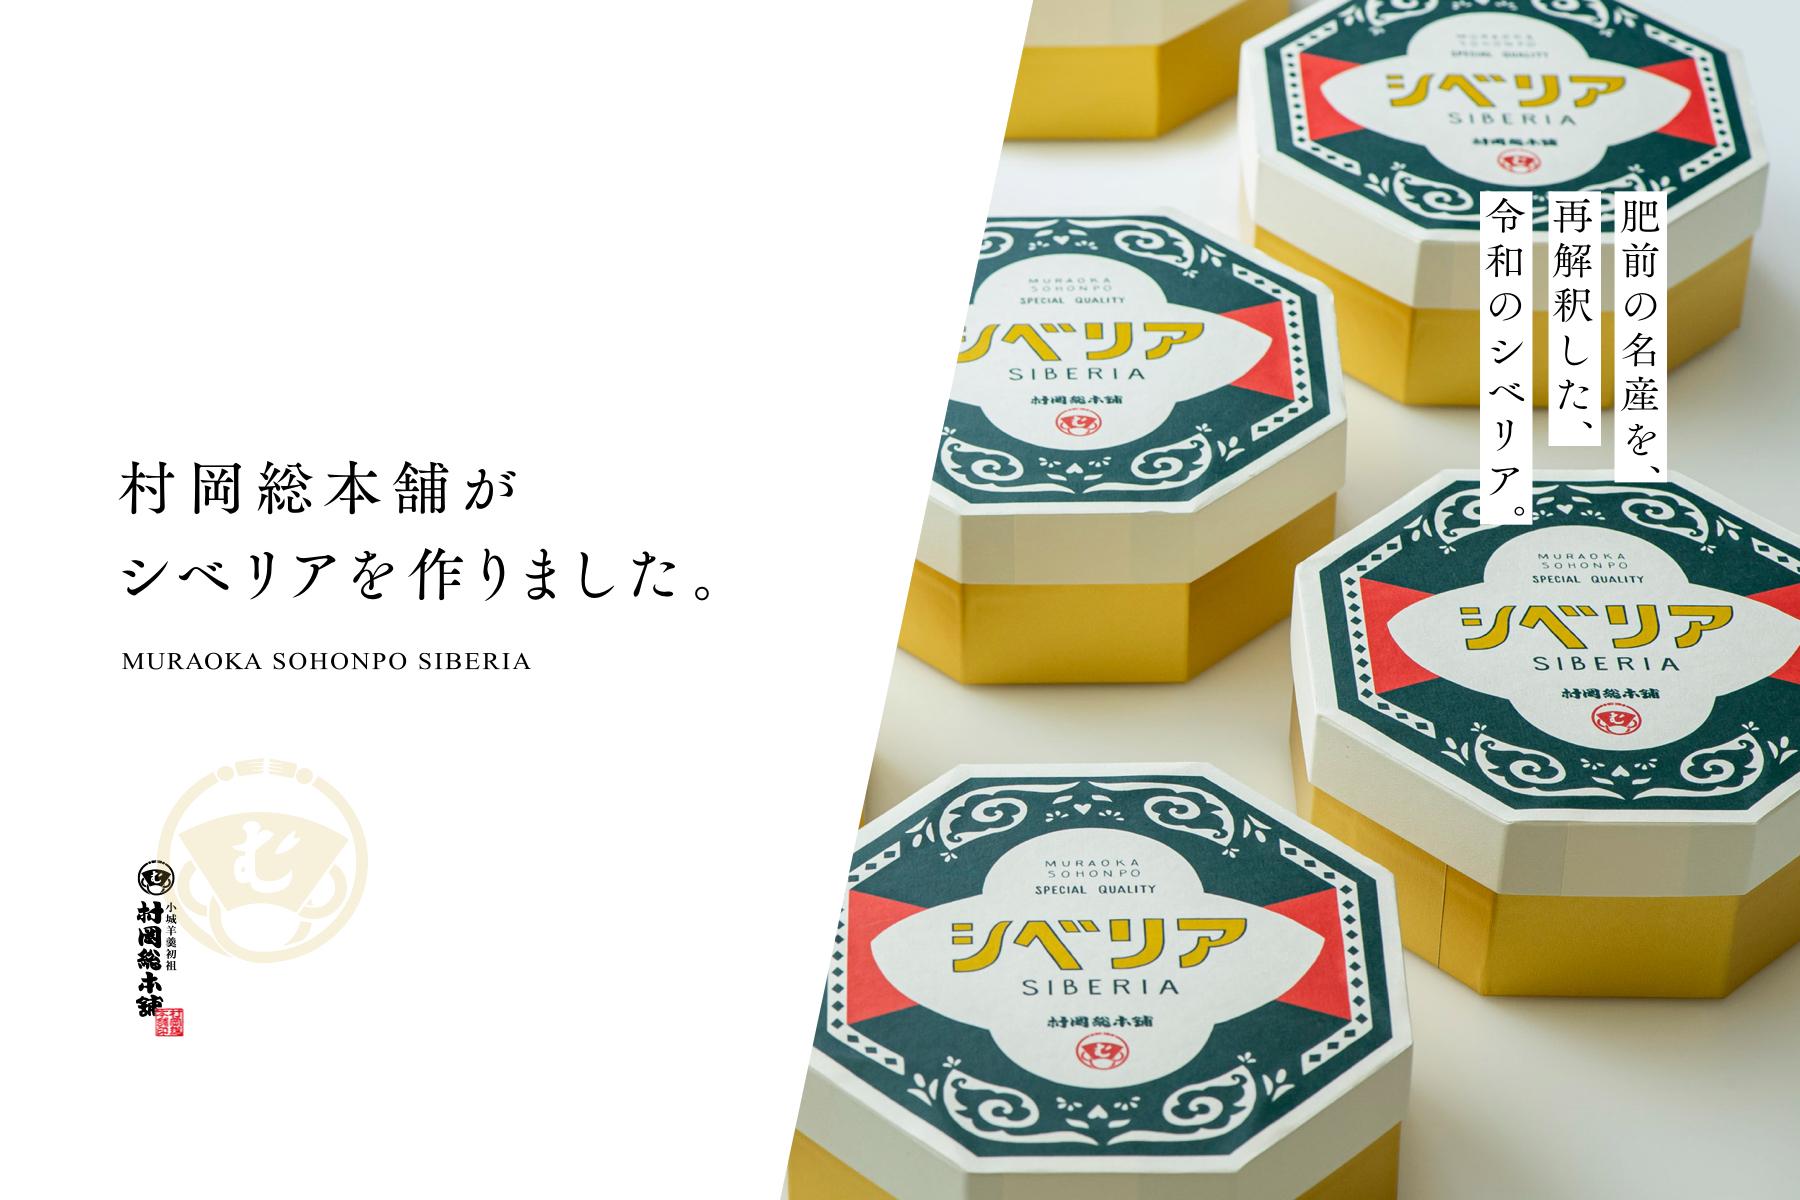 小城羊羹初祖の村岡総本舗謹製「シベリア」